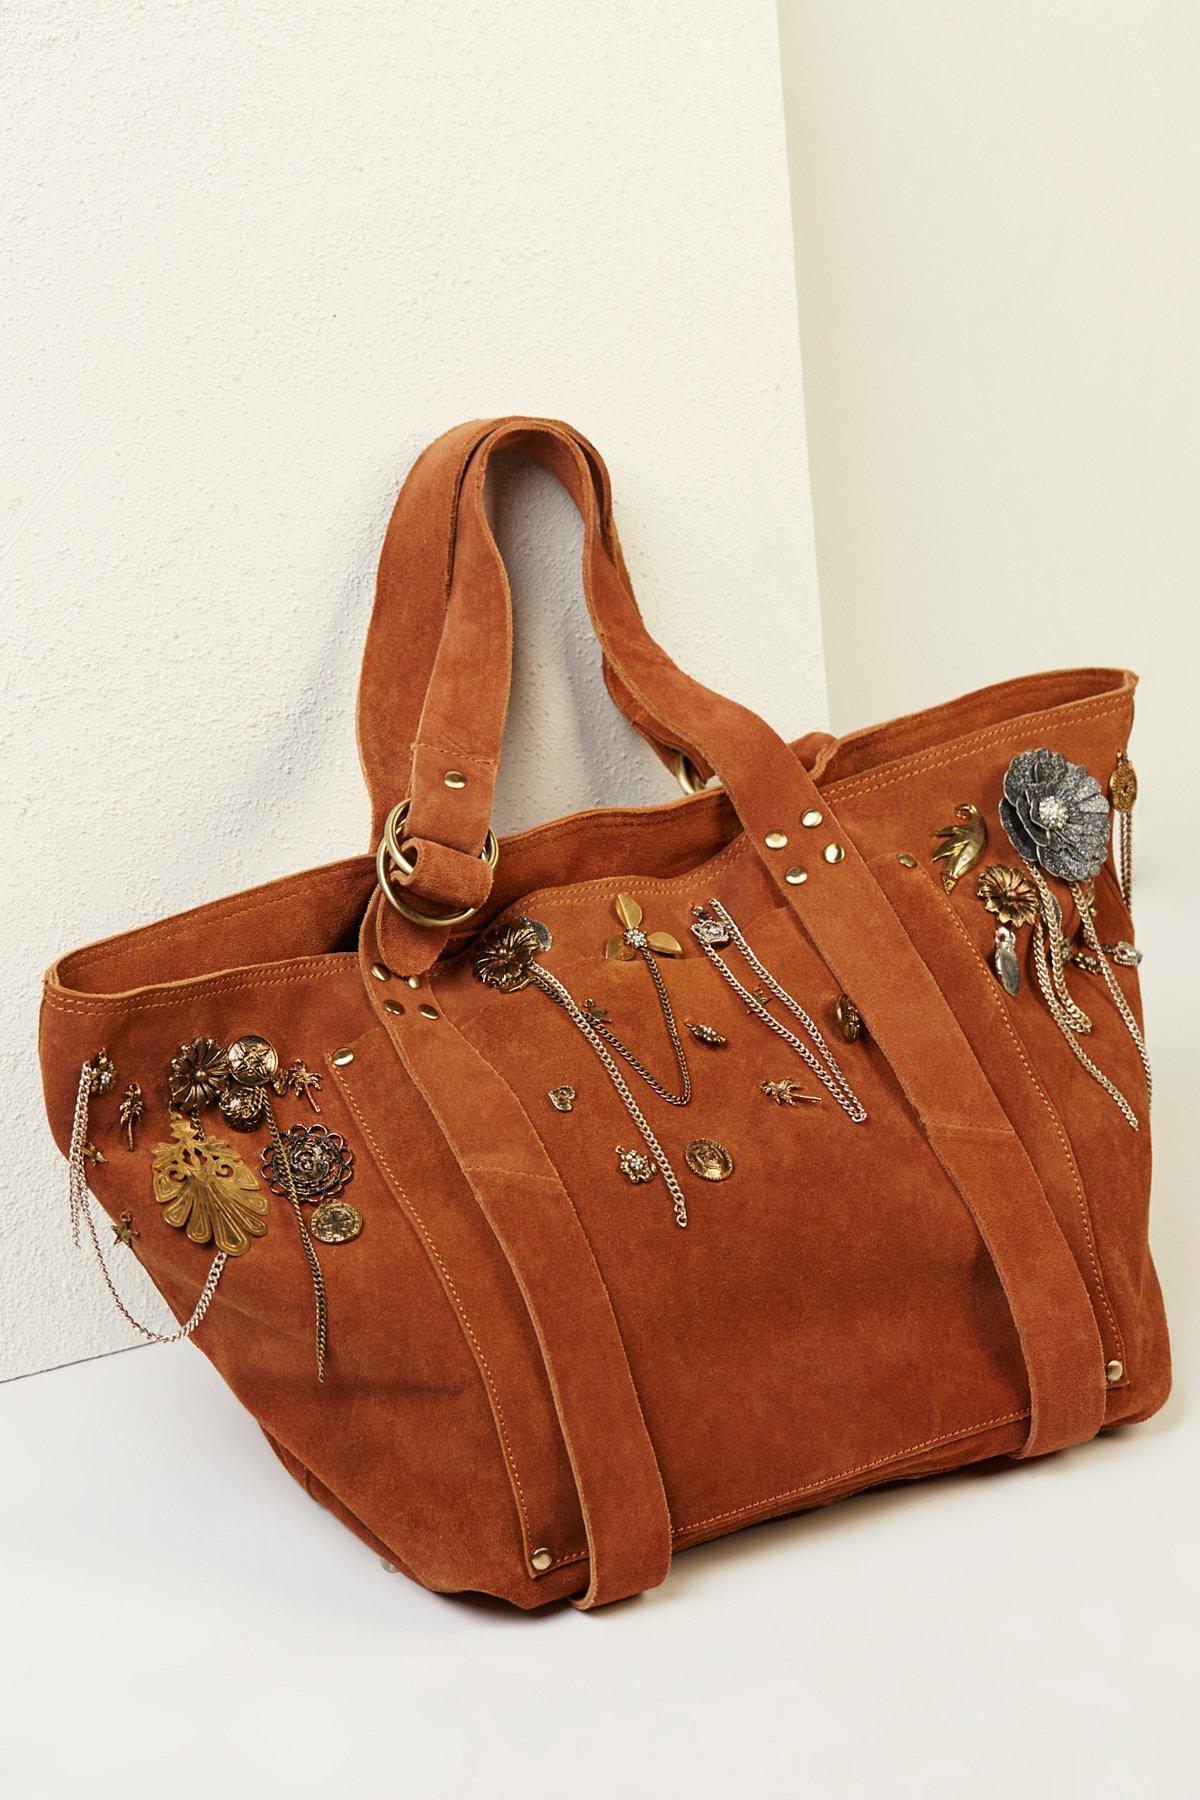 装饰麂皮手提包